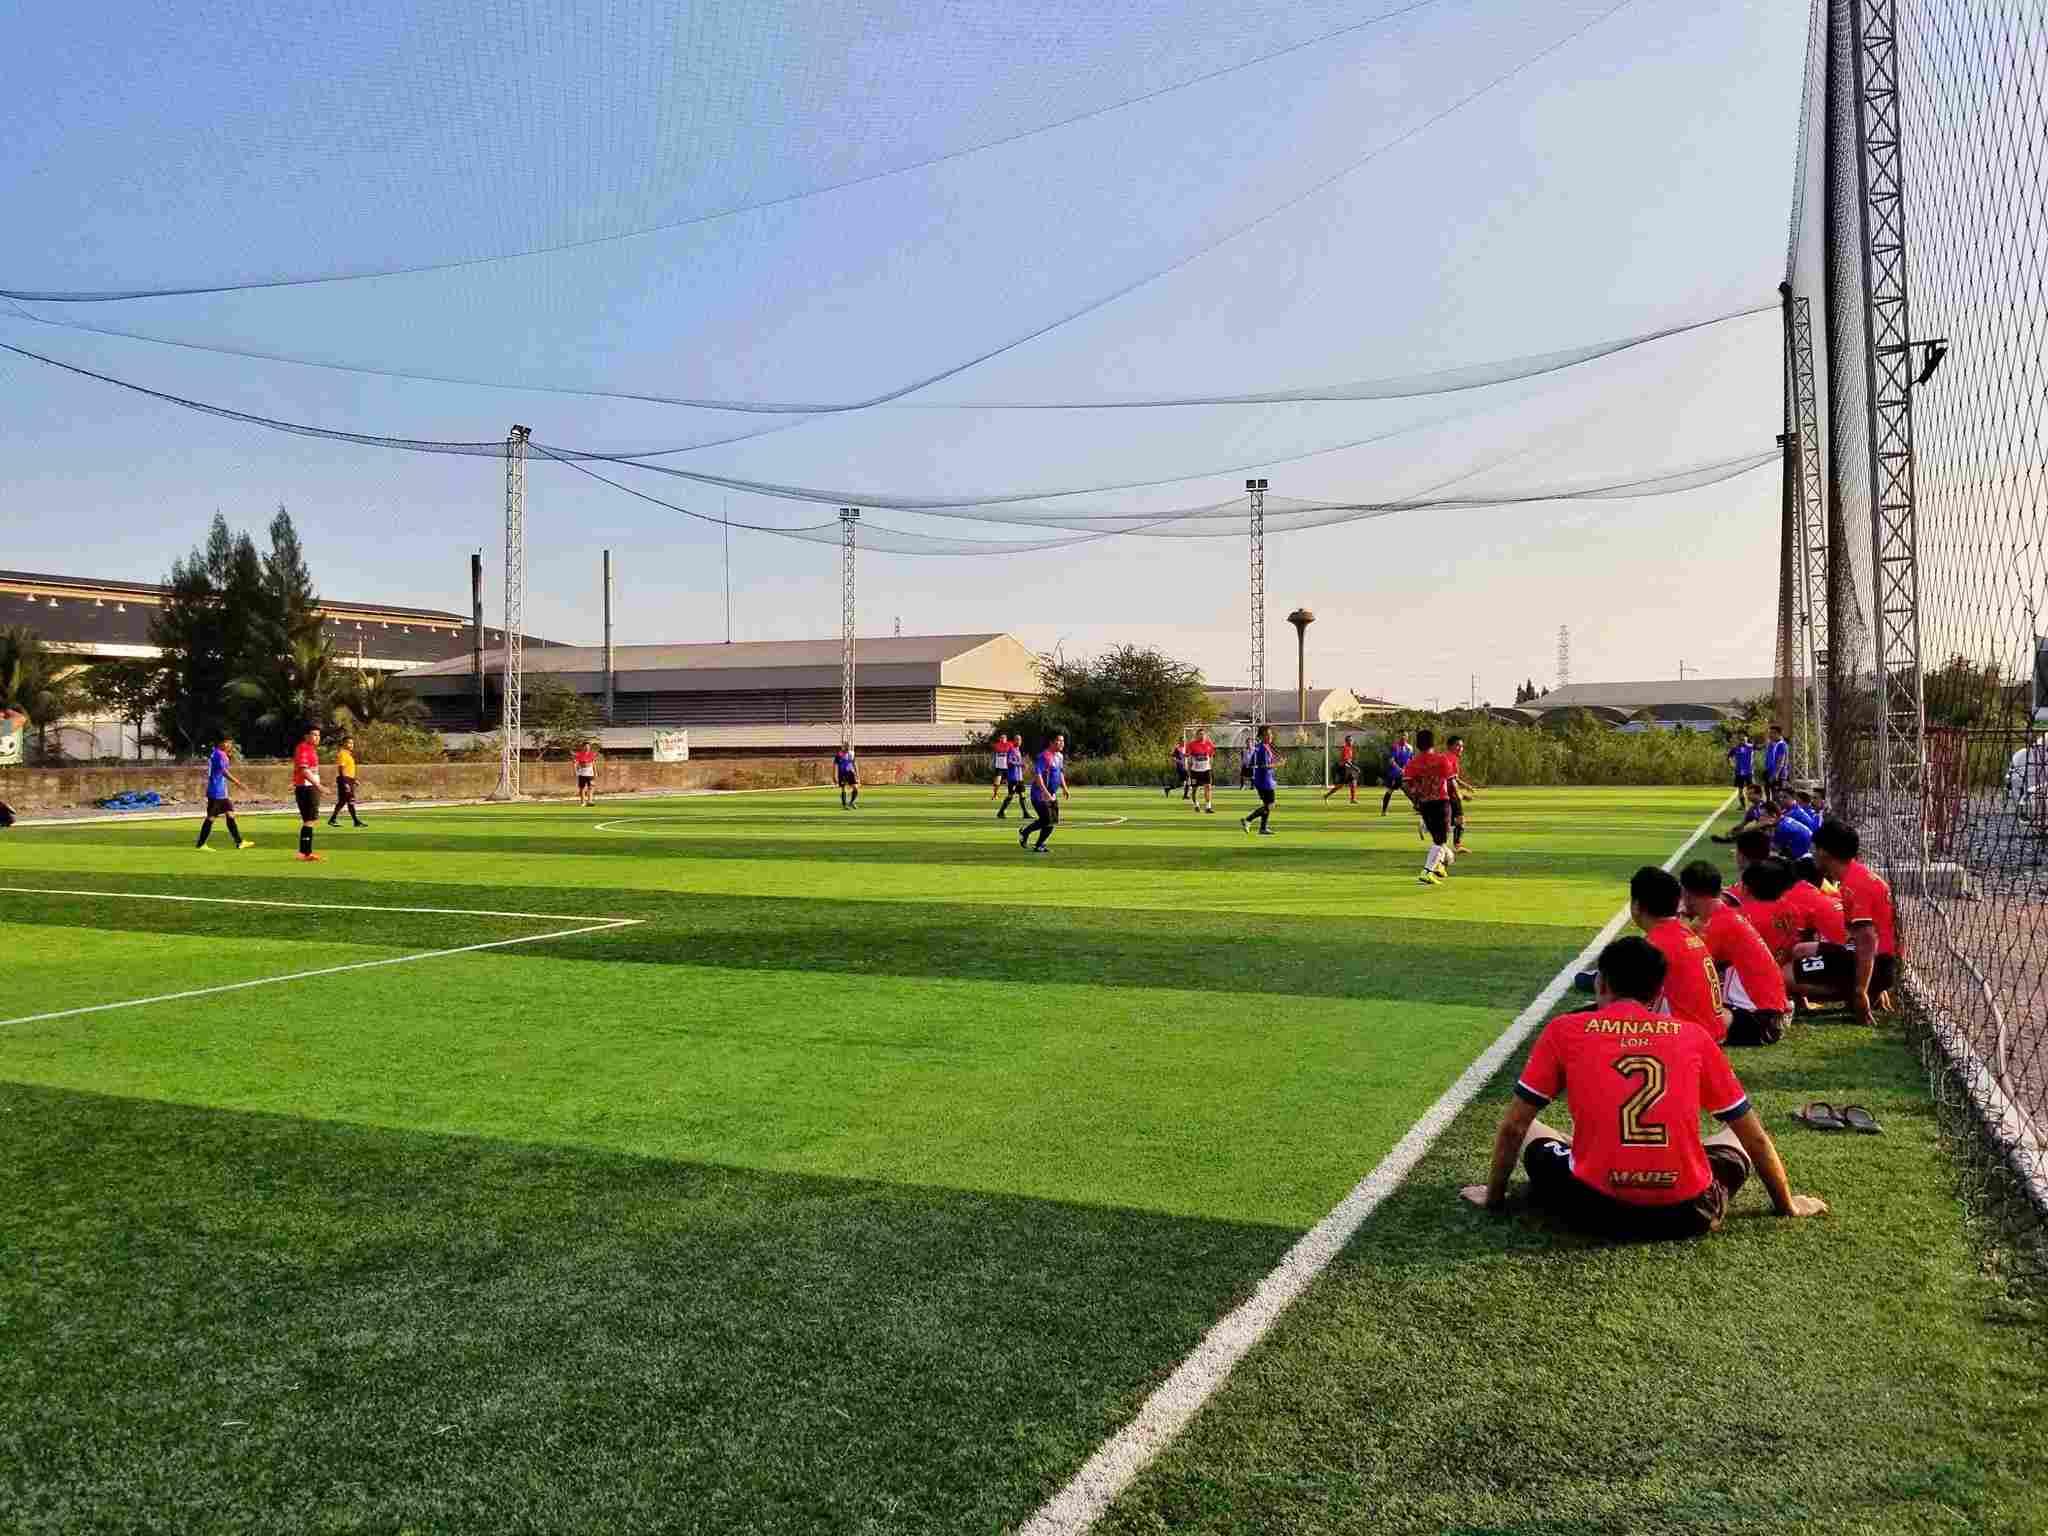 เซ้ง‼️ สนามฟุตบอล หญ้าเทียม 7 คน สมุทรสาคร ย่านโรงงาน